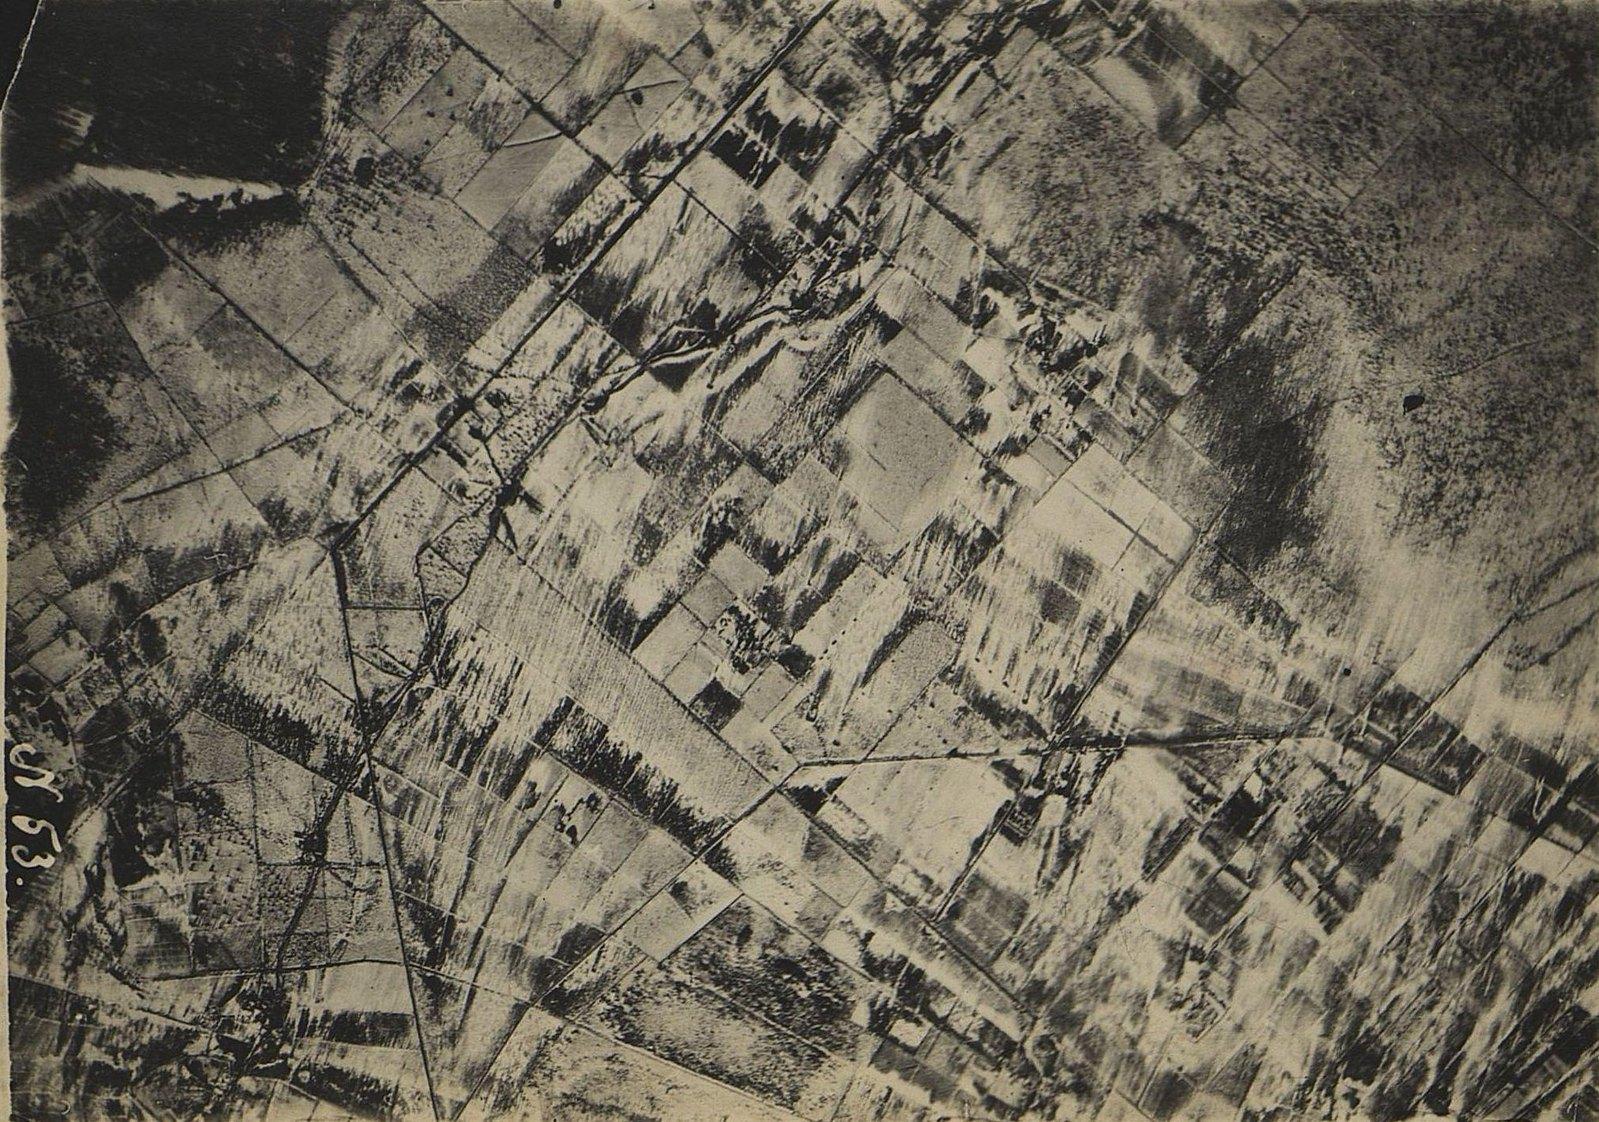 1916. Зимняя фоторазведка Двины (севернее Двинска) на одном из участков Северного фронта (снимок третий)